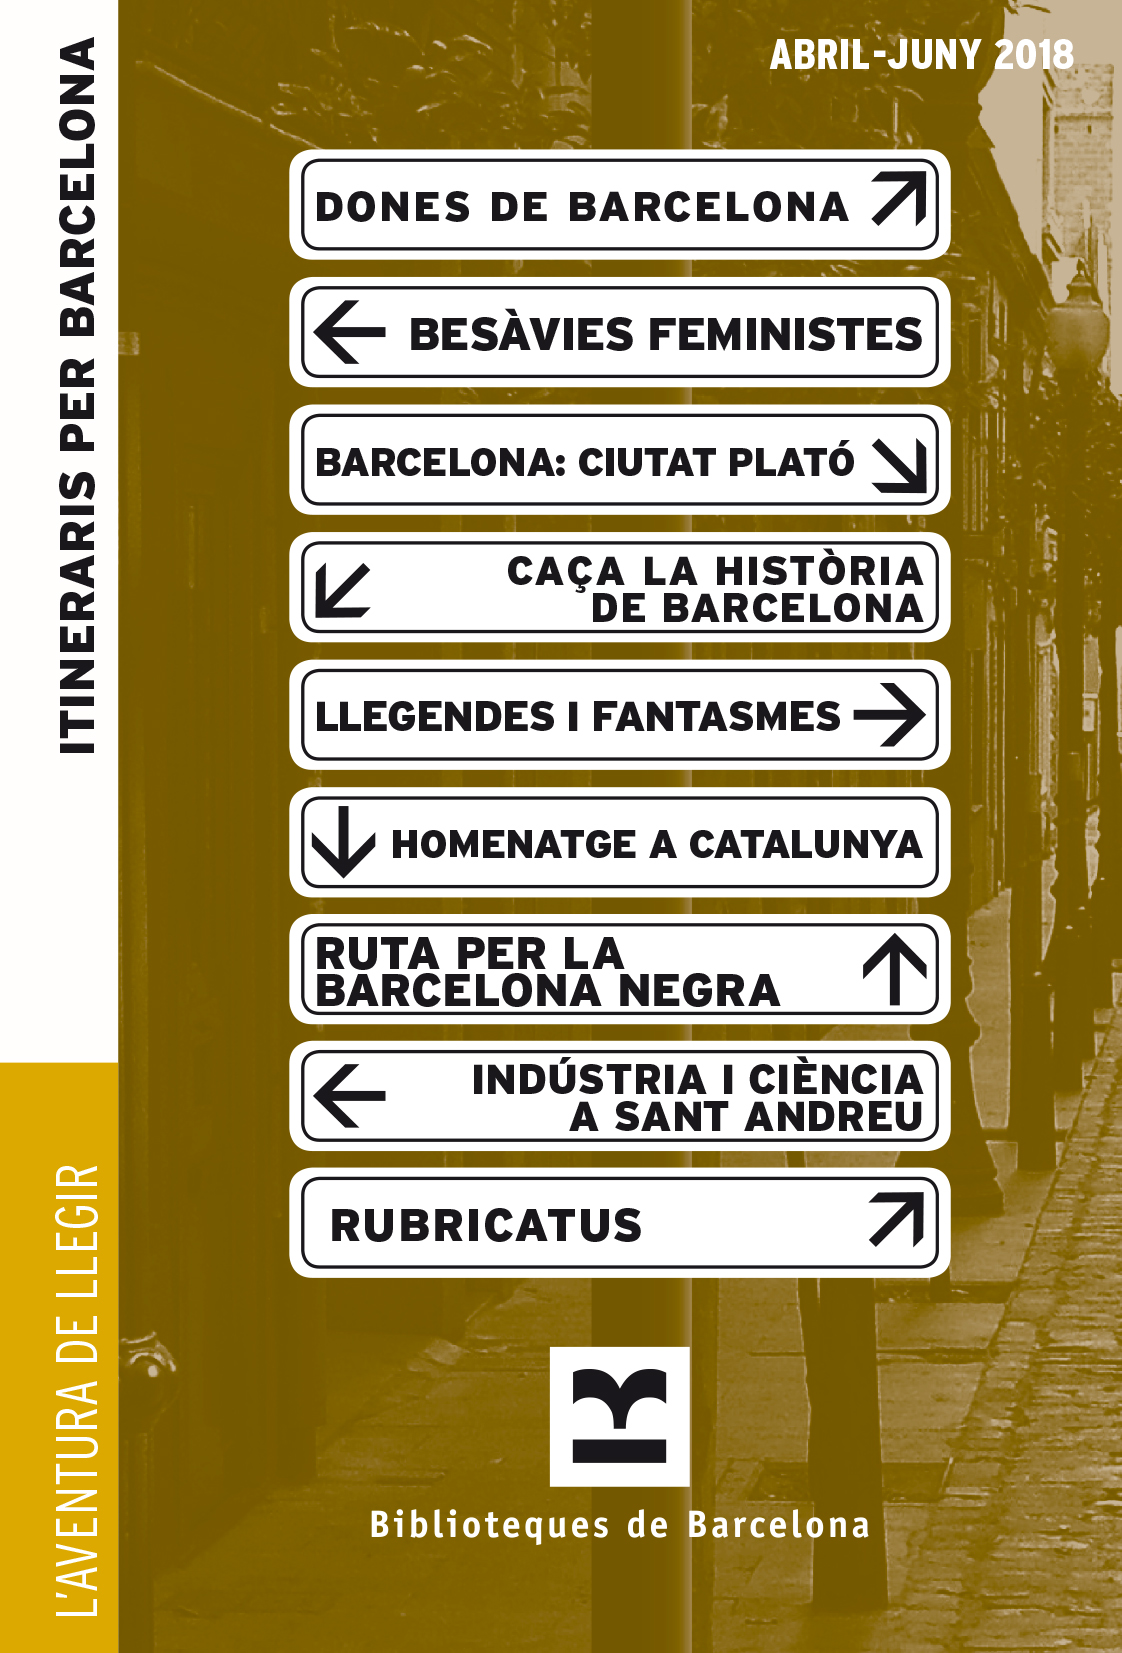 cicles_itineraris_per_barcelona_abril-juny_2018_portada